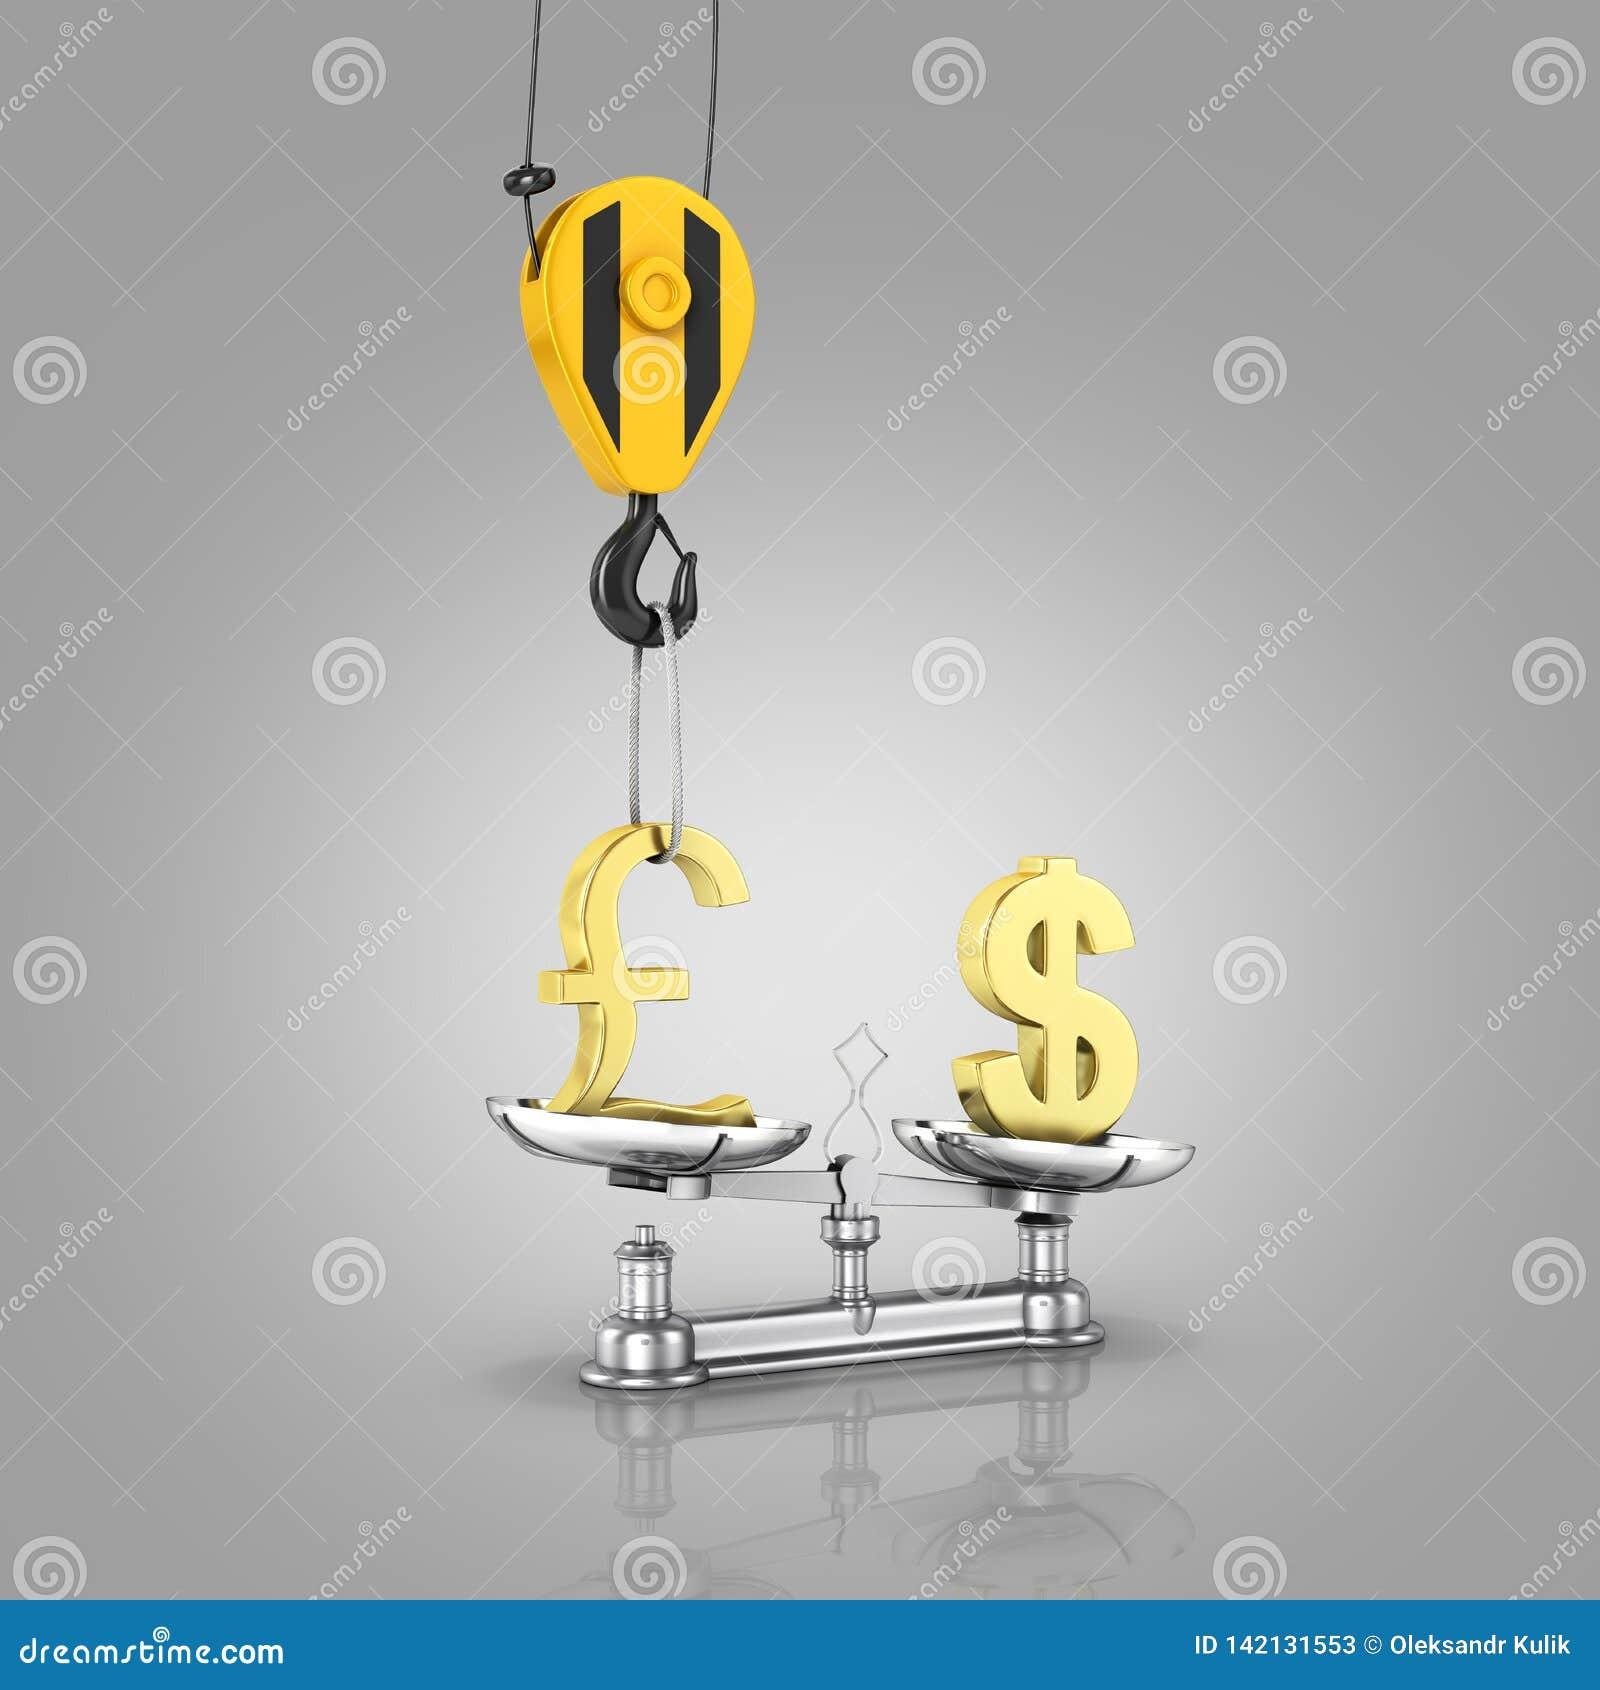 Концепция доллара поддержки курса против фунта кран вытягивает фунт вверх и понижает доллар на серой предпосылке 3d градиента